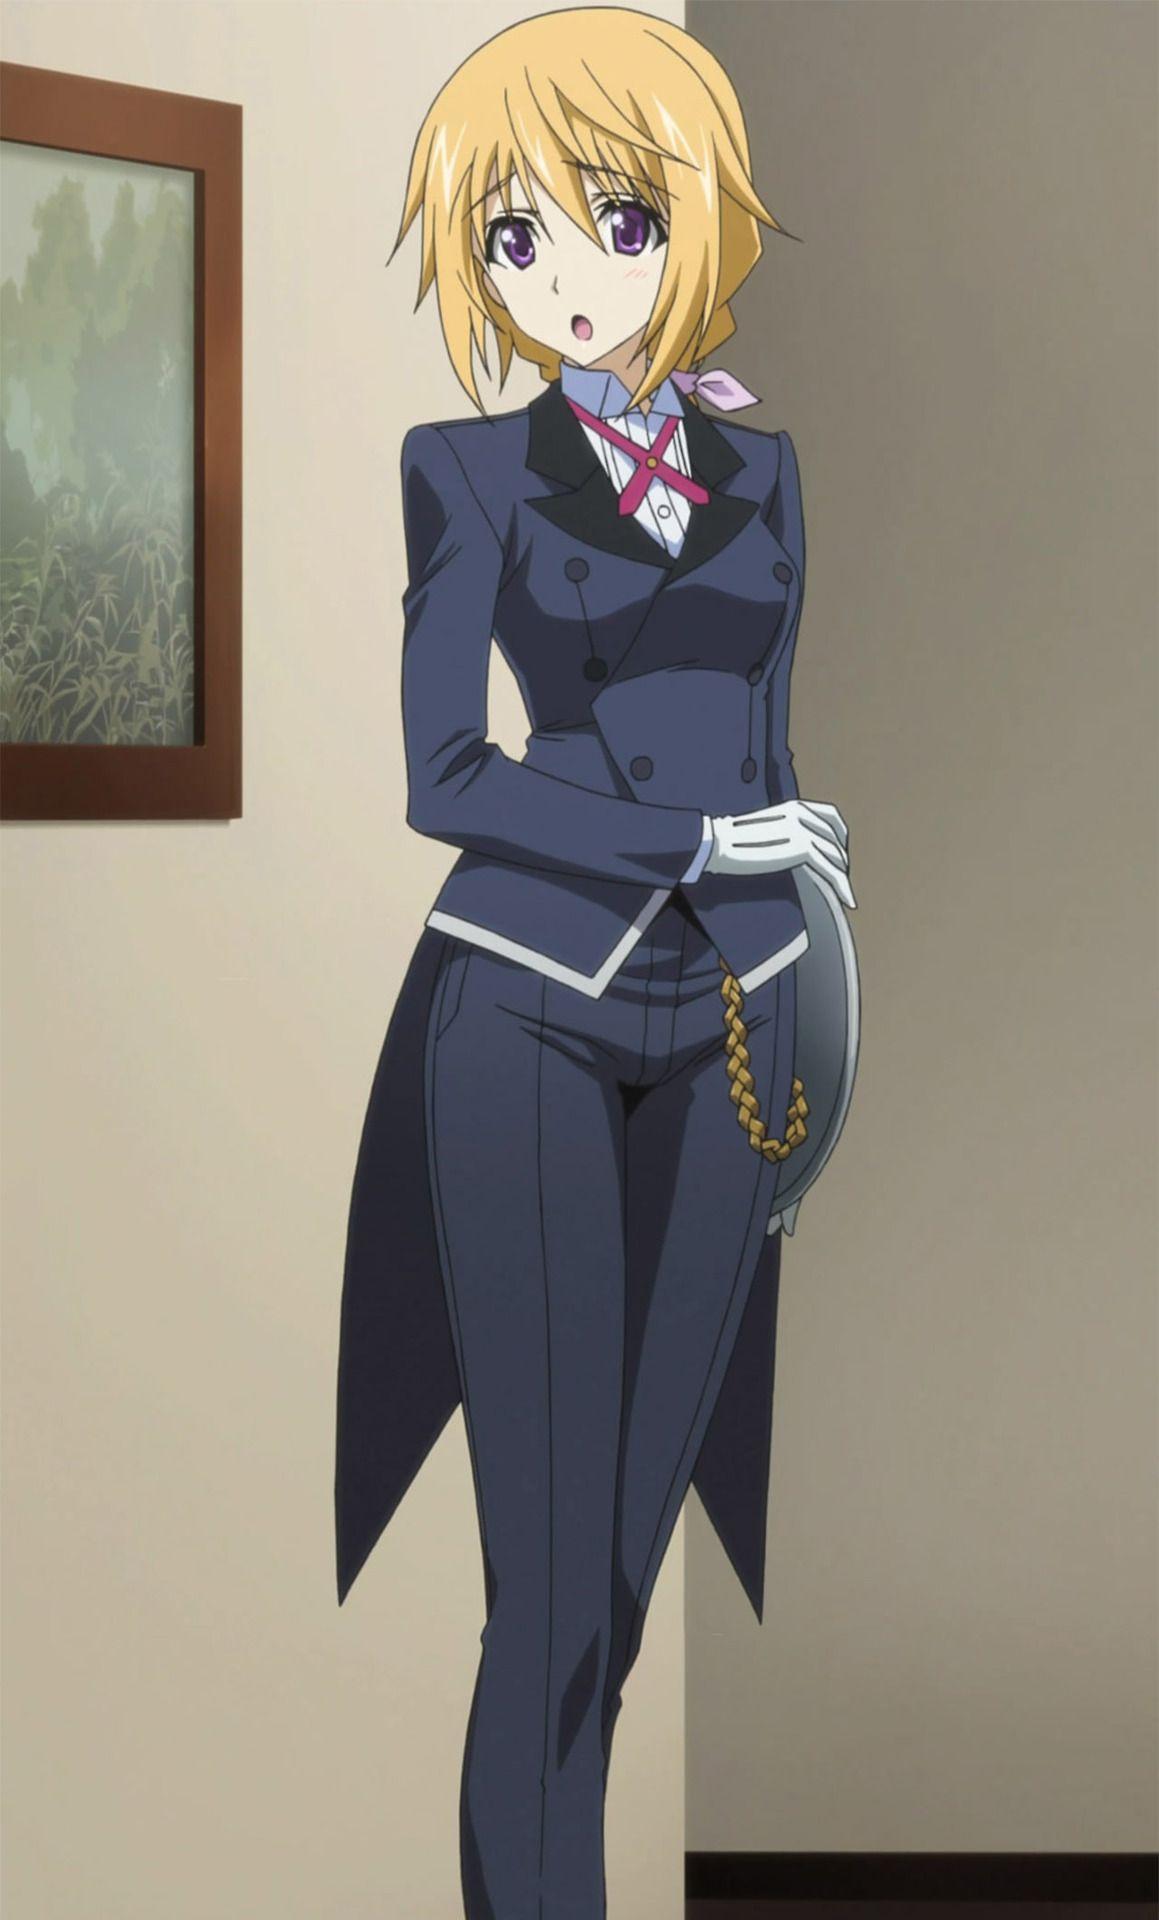 Butler anime 萌えキャラ, インフィニット, アニメ